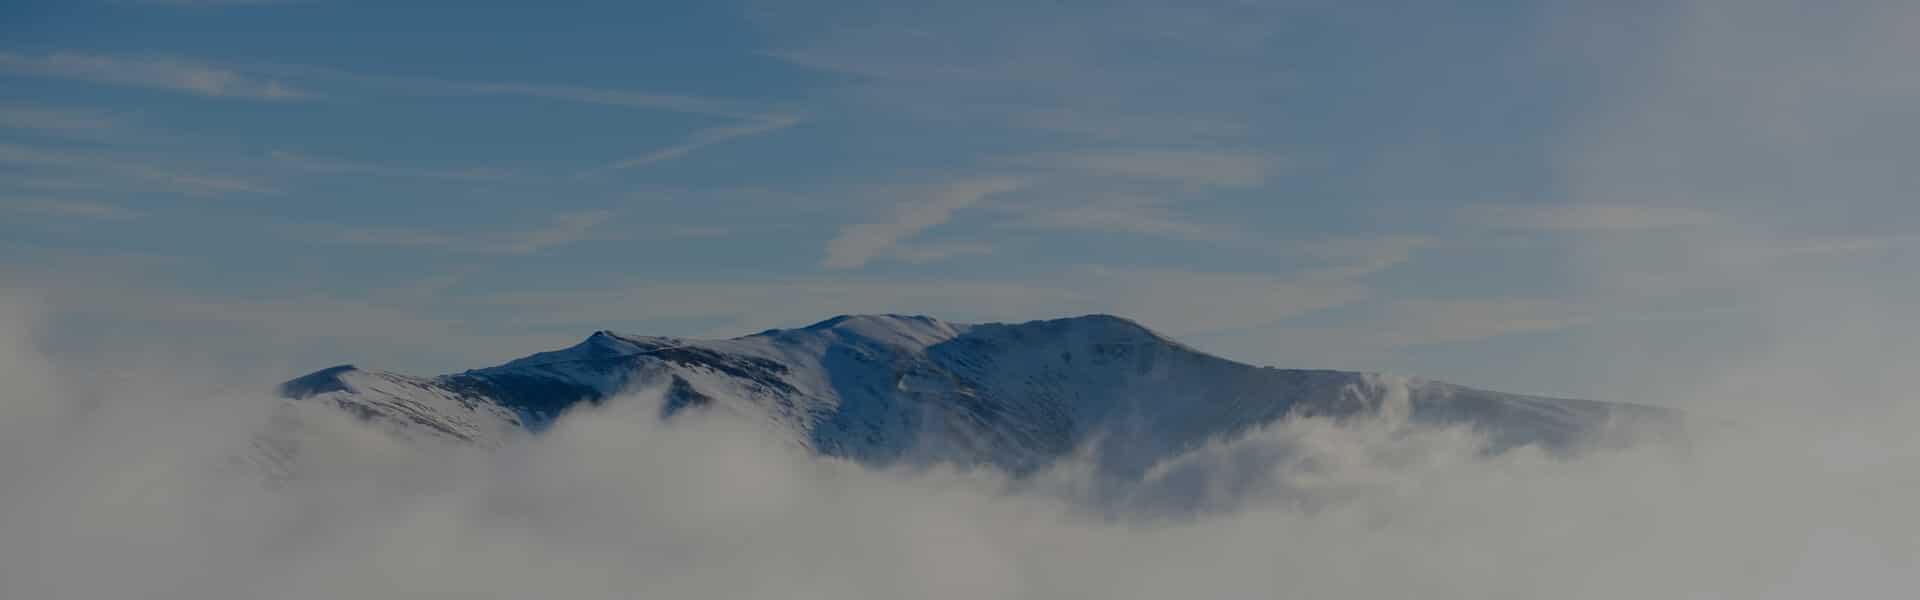 Bjergtinde med sne